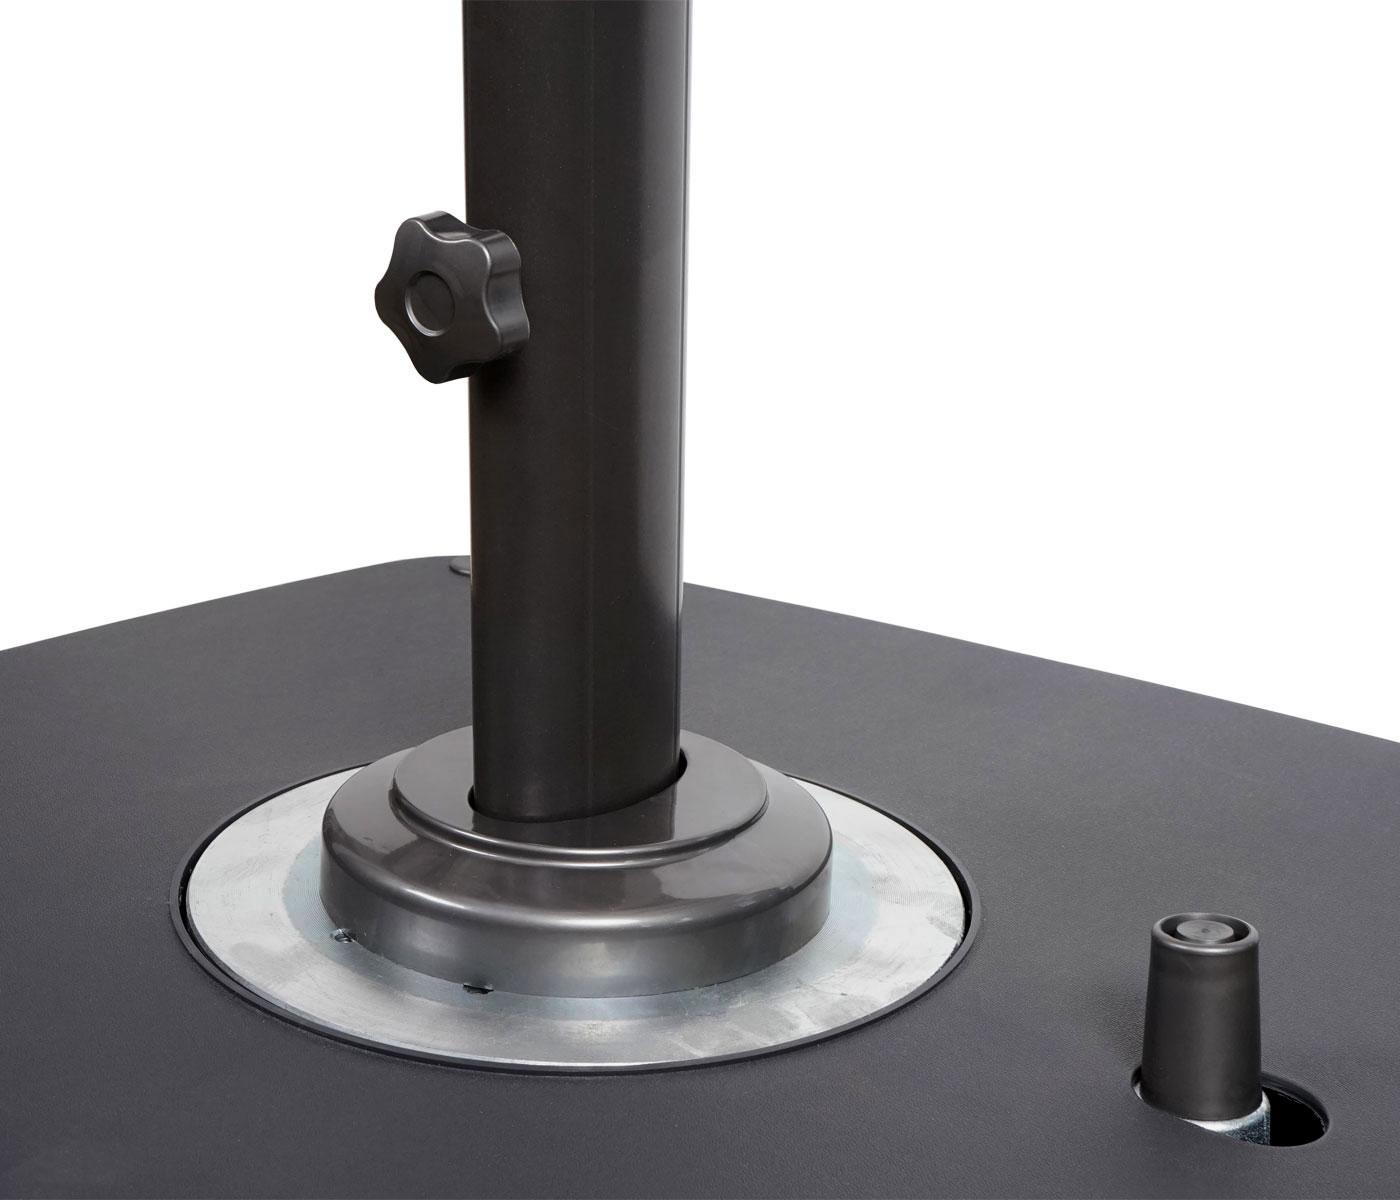 ampelschirm sonnenschirm mit st nder schutzh lle drehbar. Black Bedroom Furniture Sets. Home Design Ideas